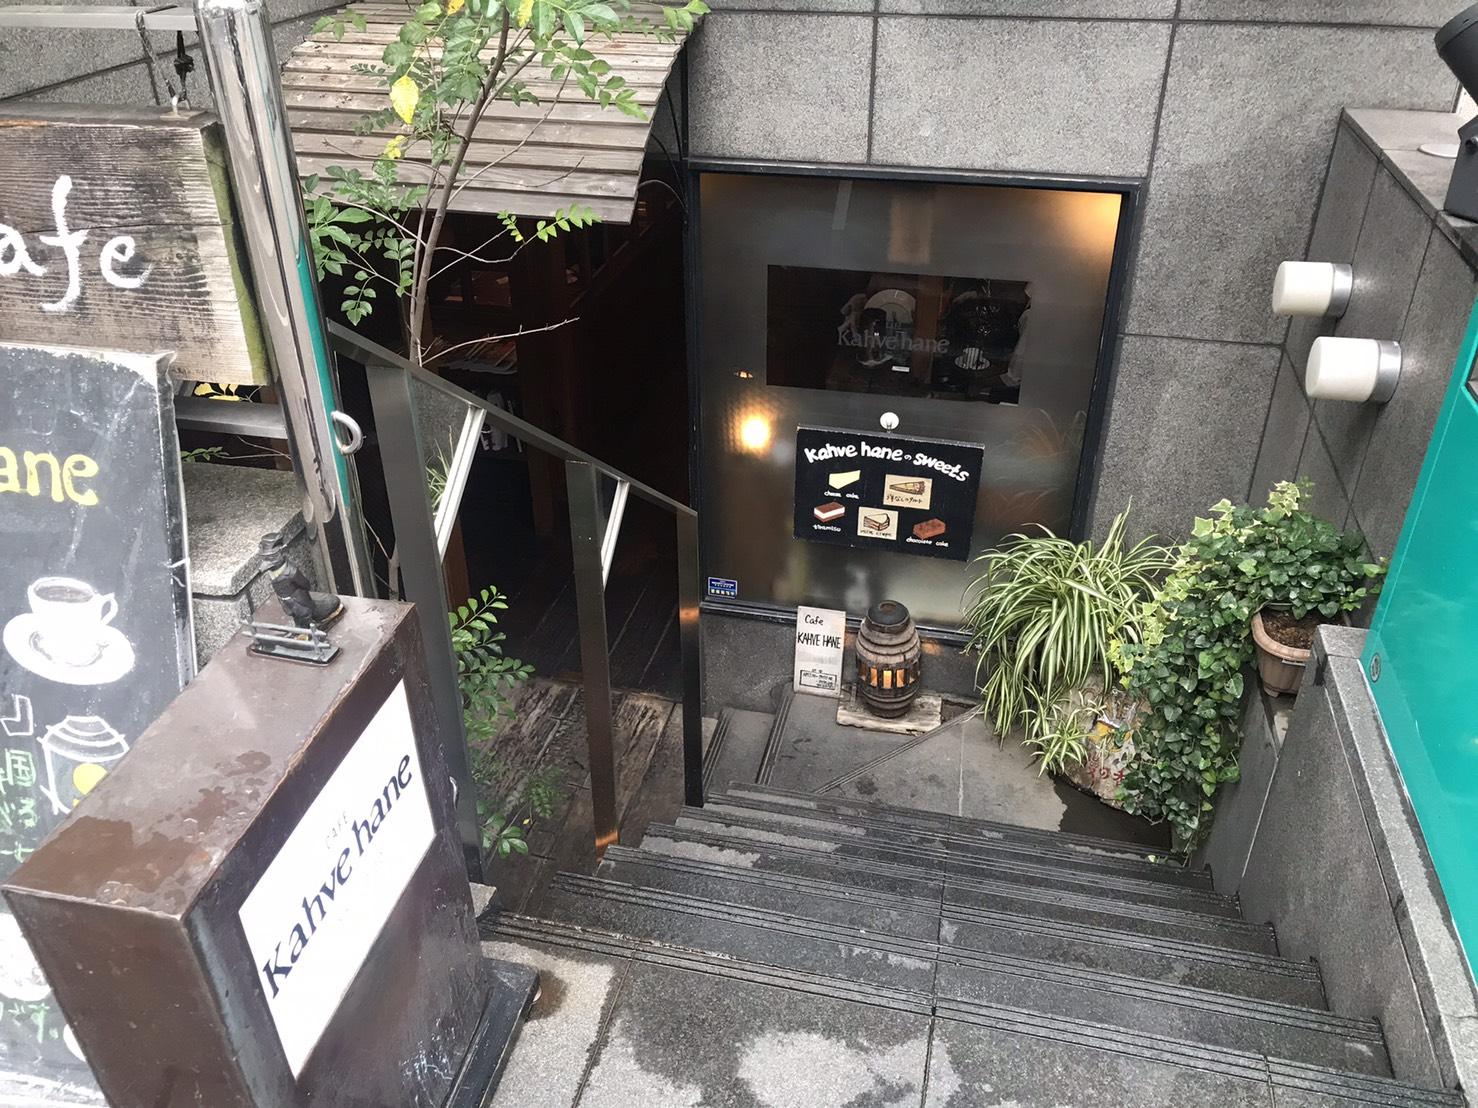 列車の中で食事しているような不思議空間。栄駅近くの隠れ家カフェ「Kahve hane」 - S  20766987